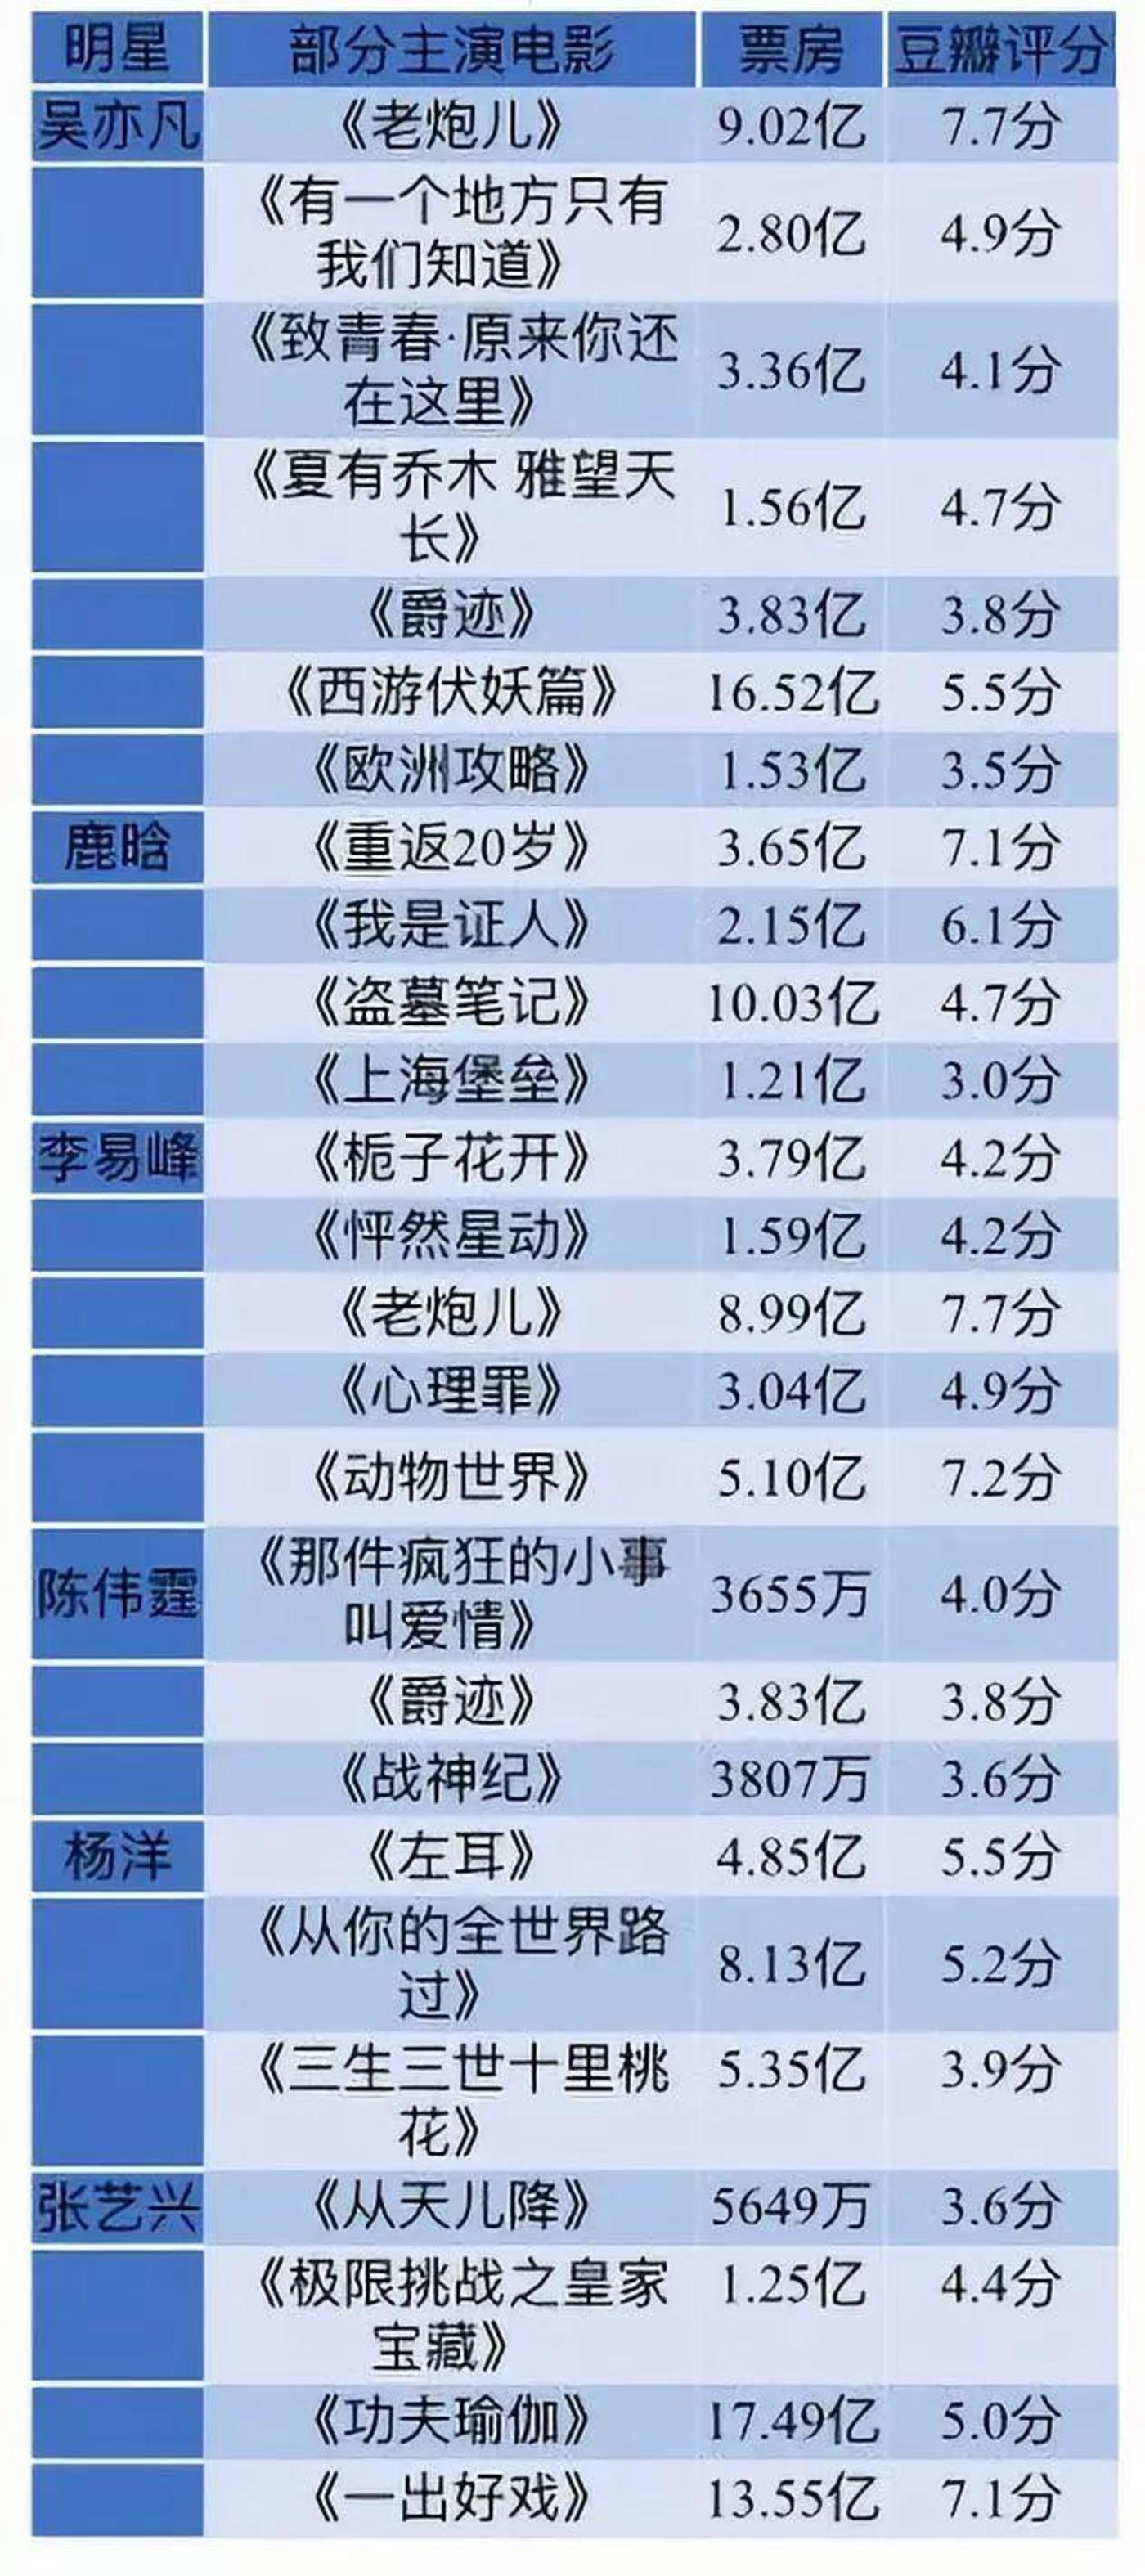 """大盘三天票房超7.8亿创下最高纪录,""""流量""""拯救中秋档?"""